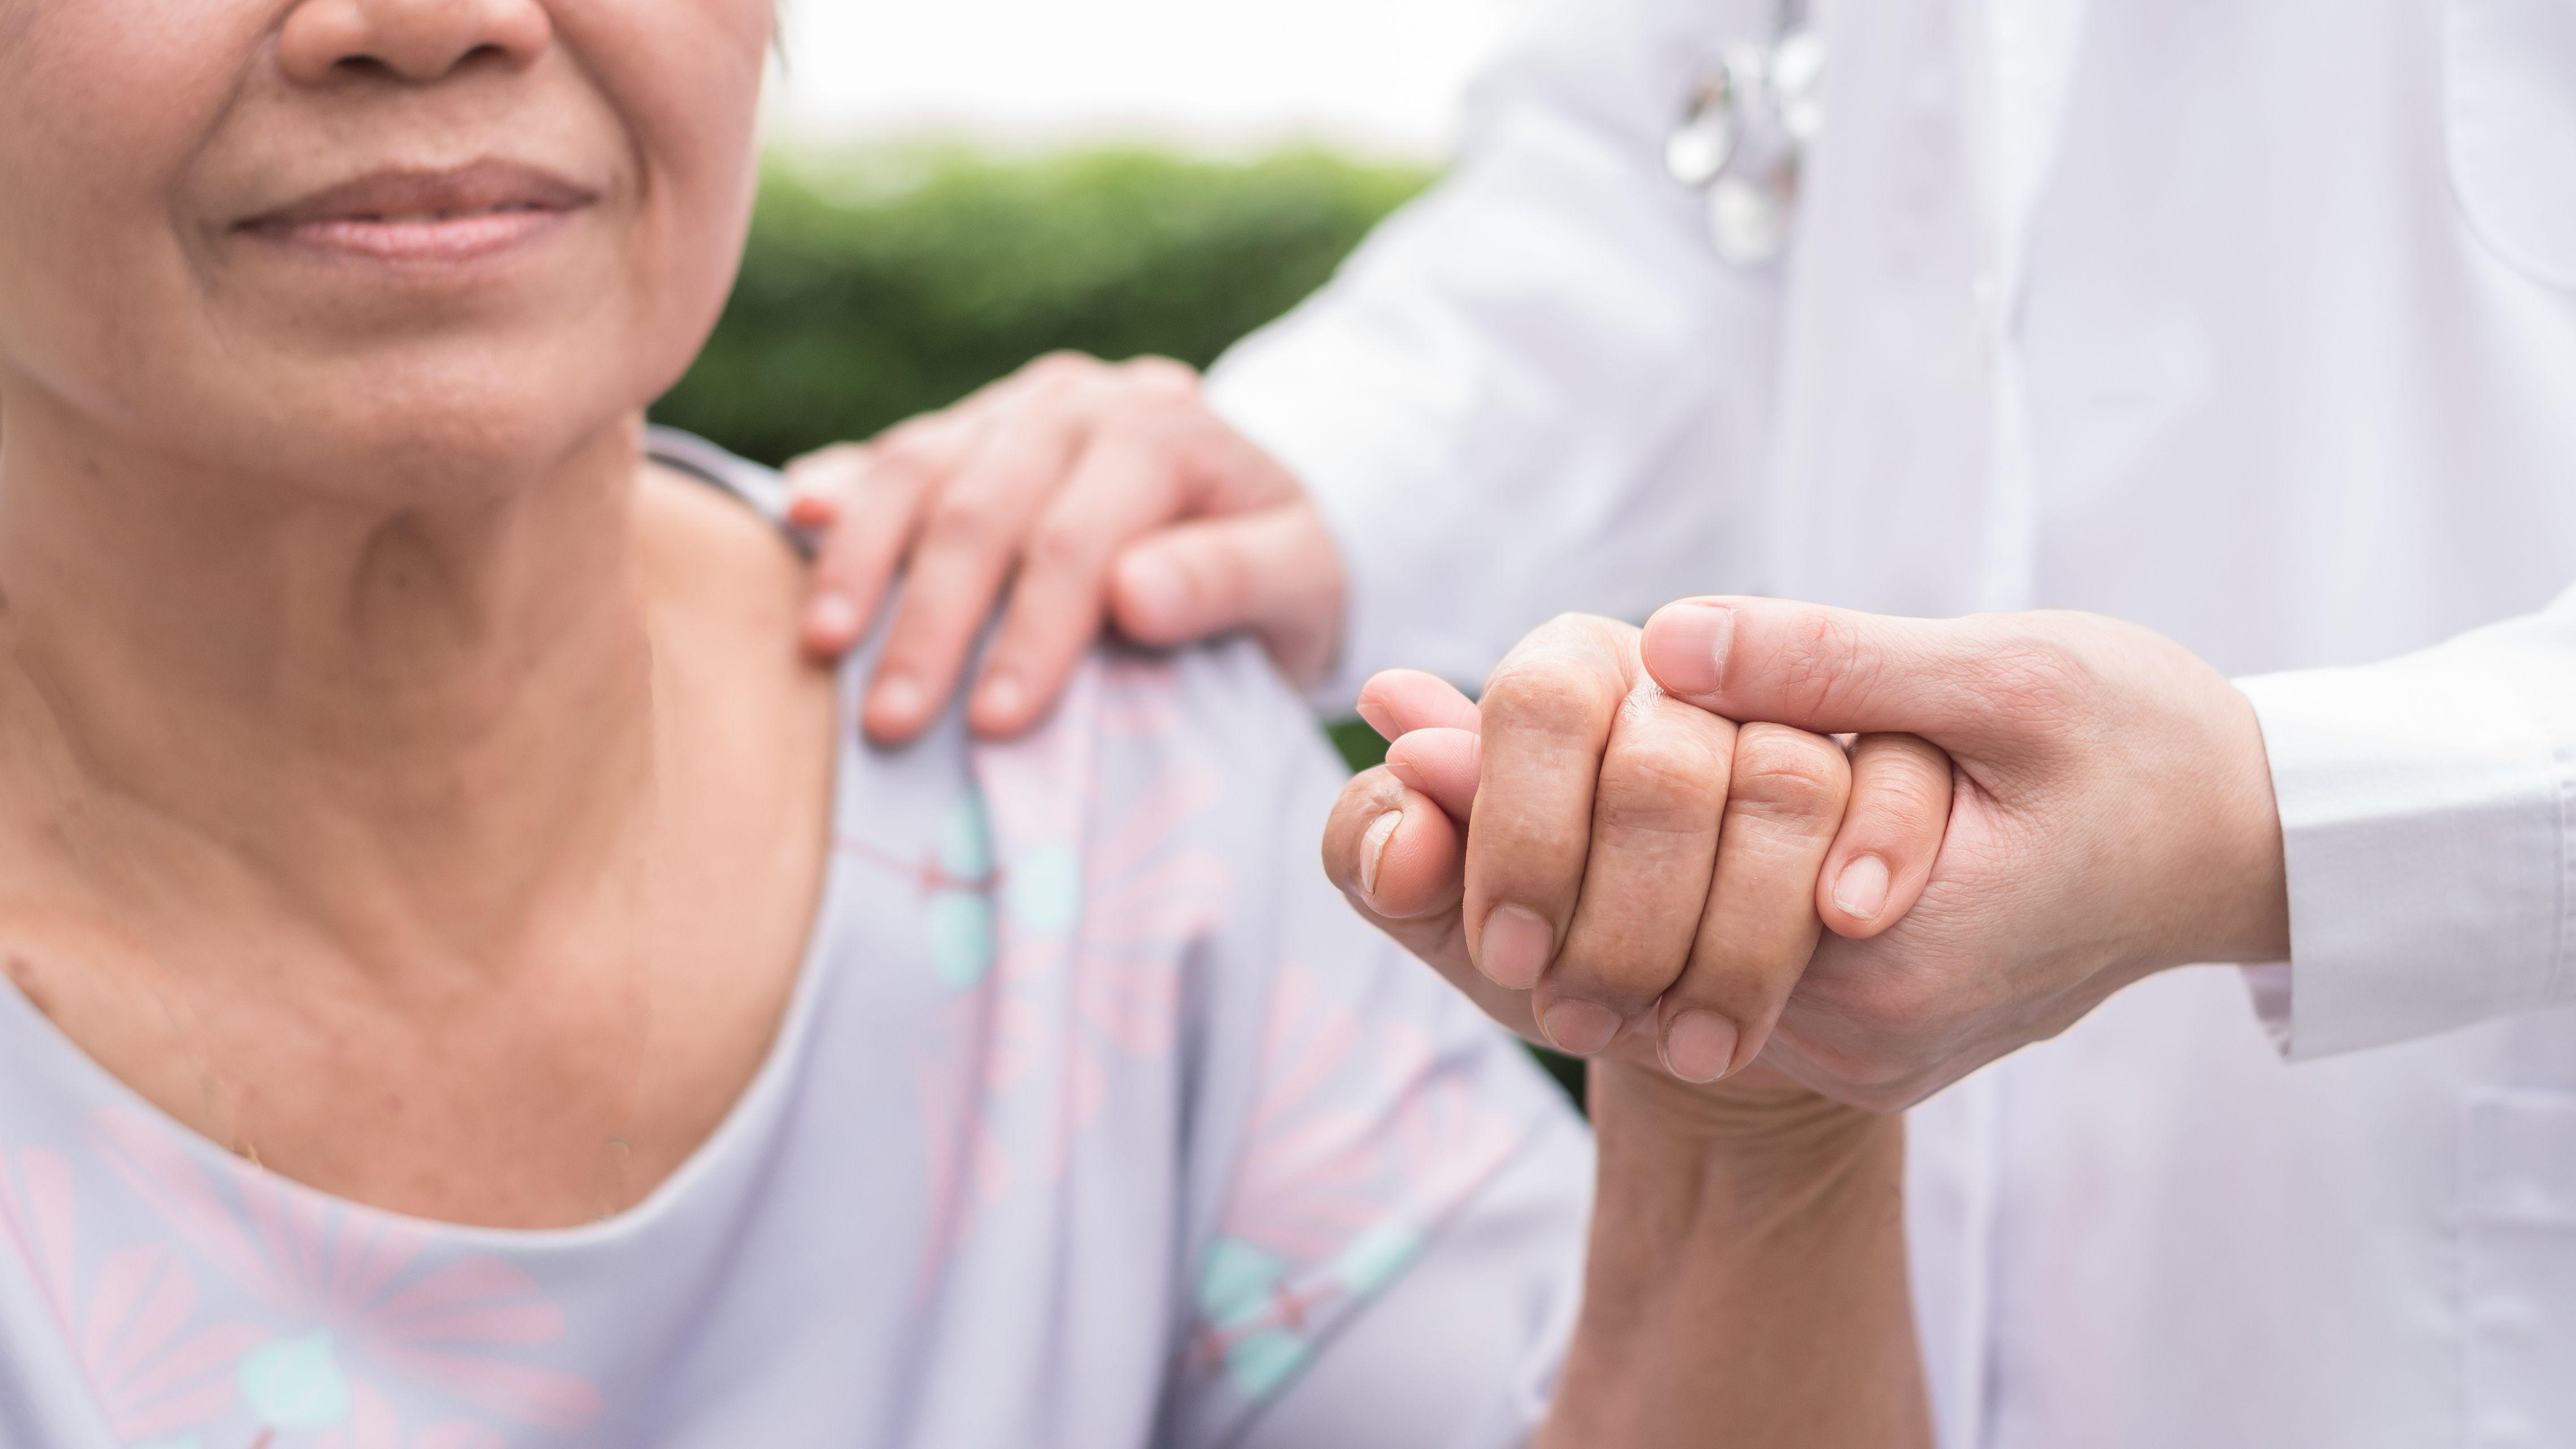 El acceso al alivio del dolor es un derecho humano que constituye parte esencial del acceso al cuidado de la salud (Shutterstock)